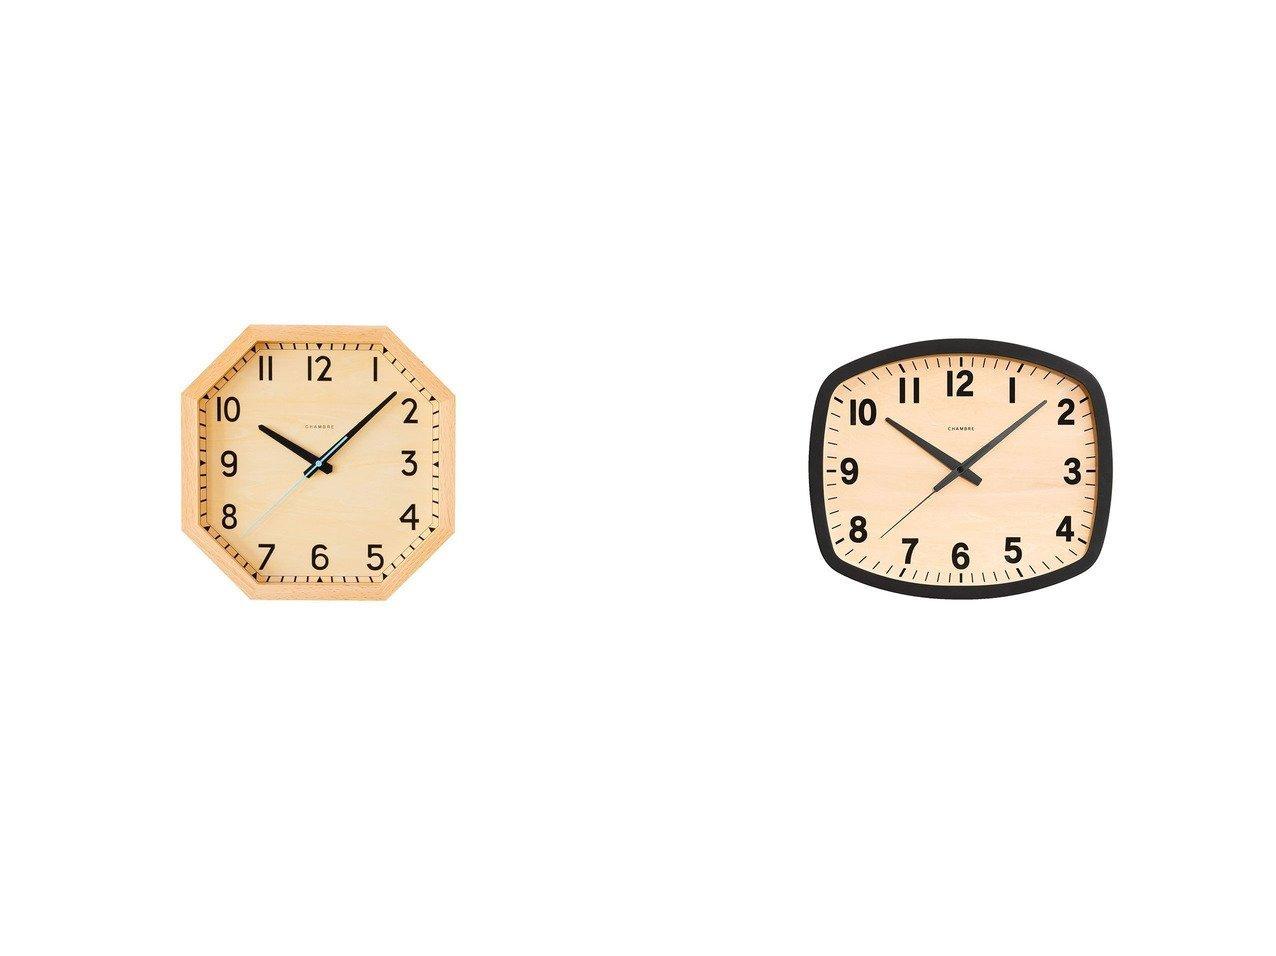 【FLYMEe vert/フライミー ヴェール】のウォールクロック #107852&ウォールクロック #107934 【時計 お家時間 FURNITURE】おすすめ!人気、インテリア雑貨・家具の通販 おすすめで人気の流行・トレンド、ファッションの通販商品 インテリア・家具・メンズファッション・キッズファッション・レディースファッション・服の通販 founy(ファニー) https://founy.com/ カラフル フォルム フレーム 時計  ID:crp329100000054313